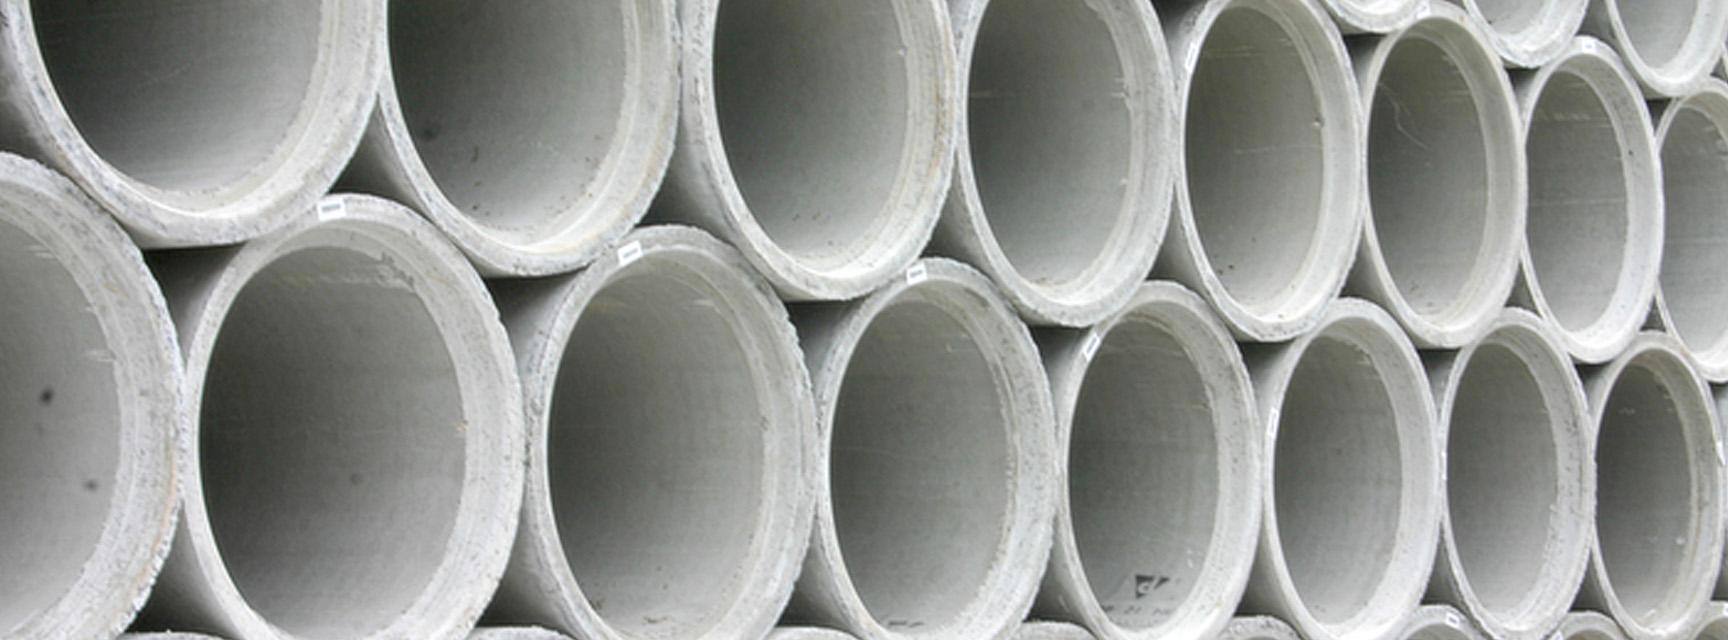 Прокладка канализации в Йошкар-Оле и Республике Марий Эл